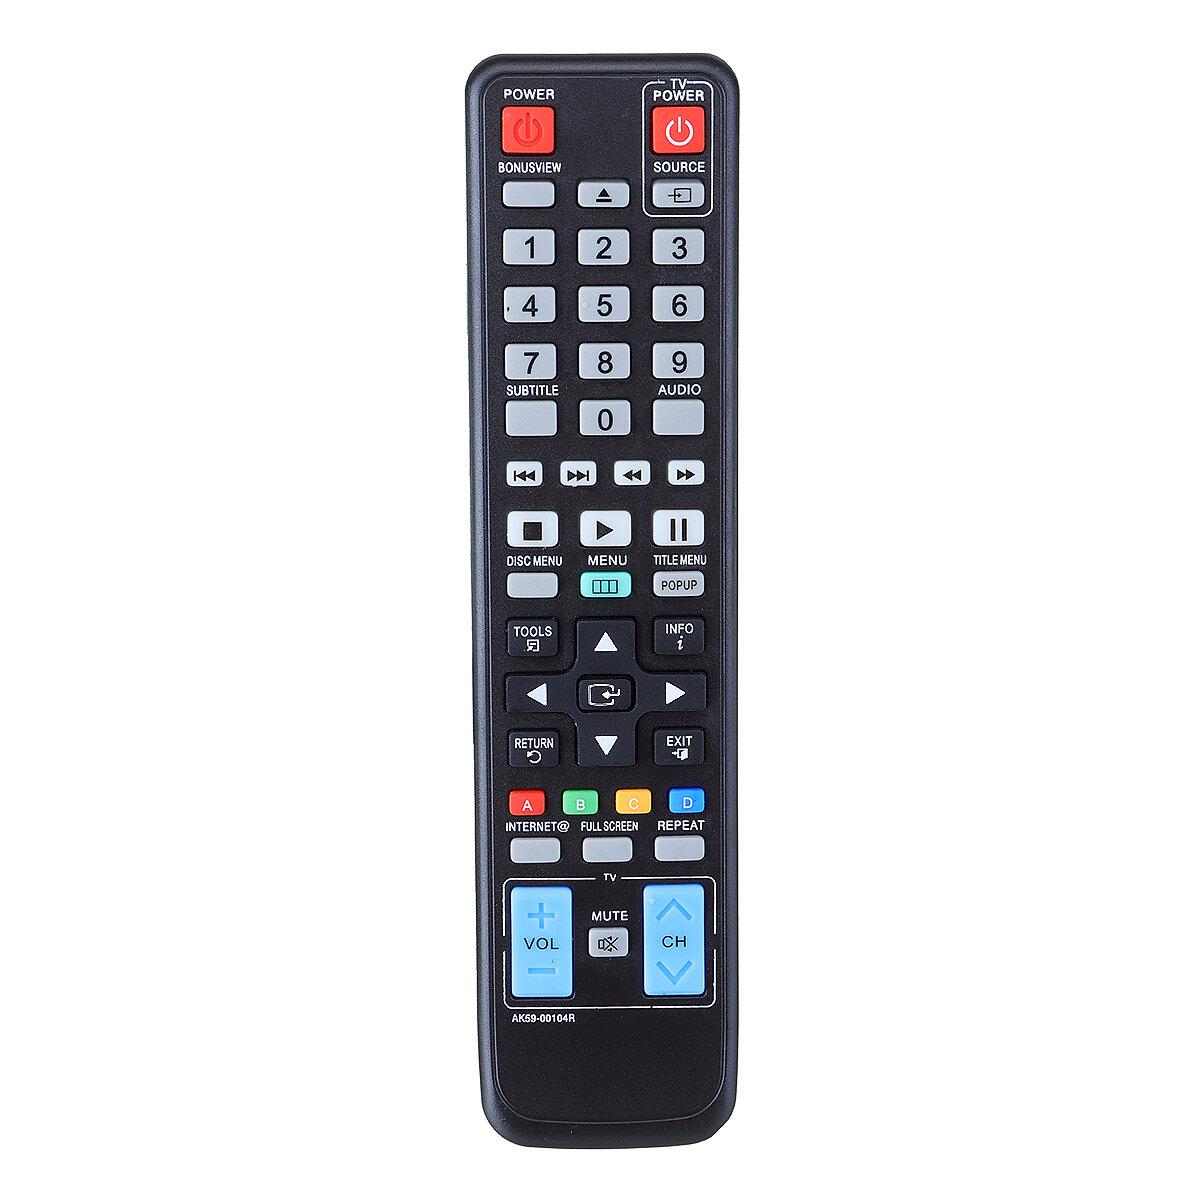 Sostituzione remoto Controllo per Samsung BD-C5300 BD-C5500 BD-D5100 BD-C7500 Lettore DVD Blu-ray